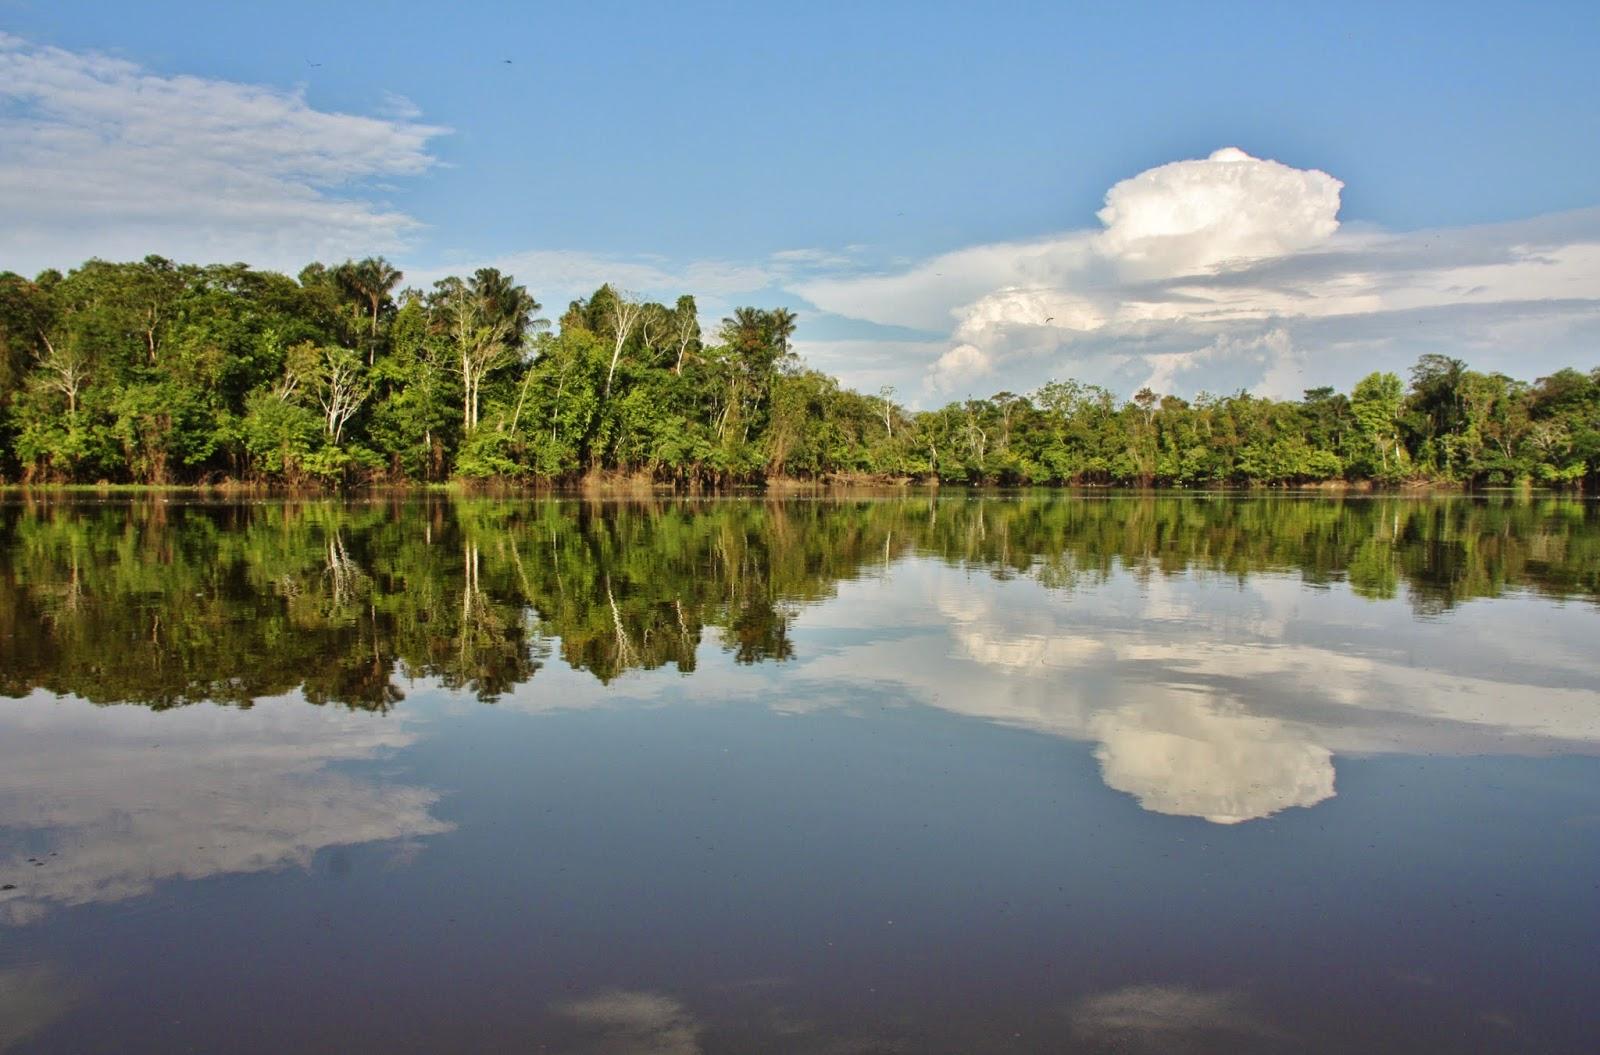 O Rio Japurá na Reserva Sustentável Mamirauá.